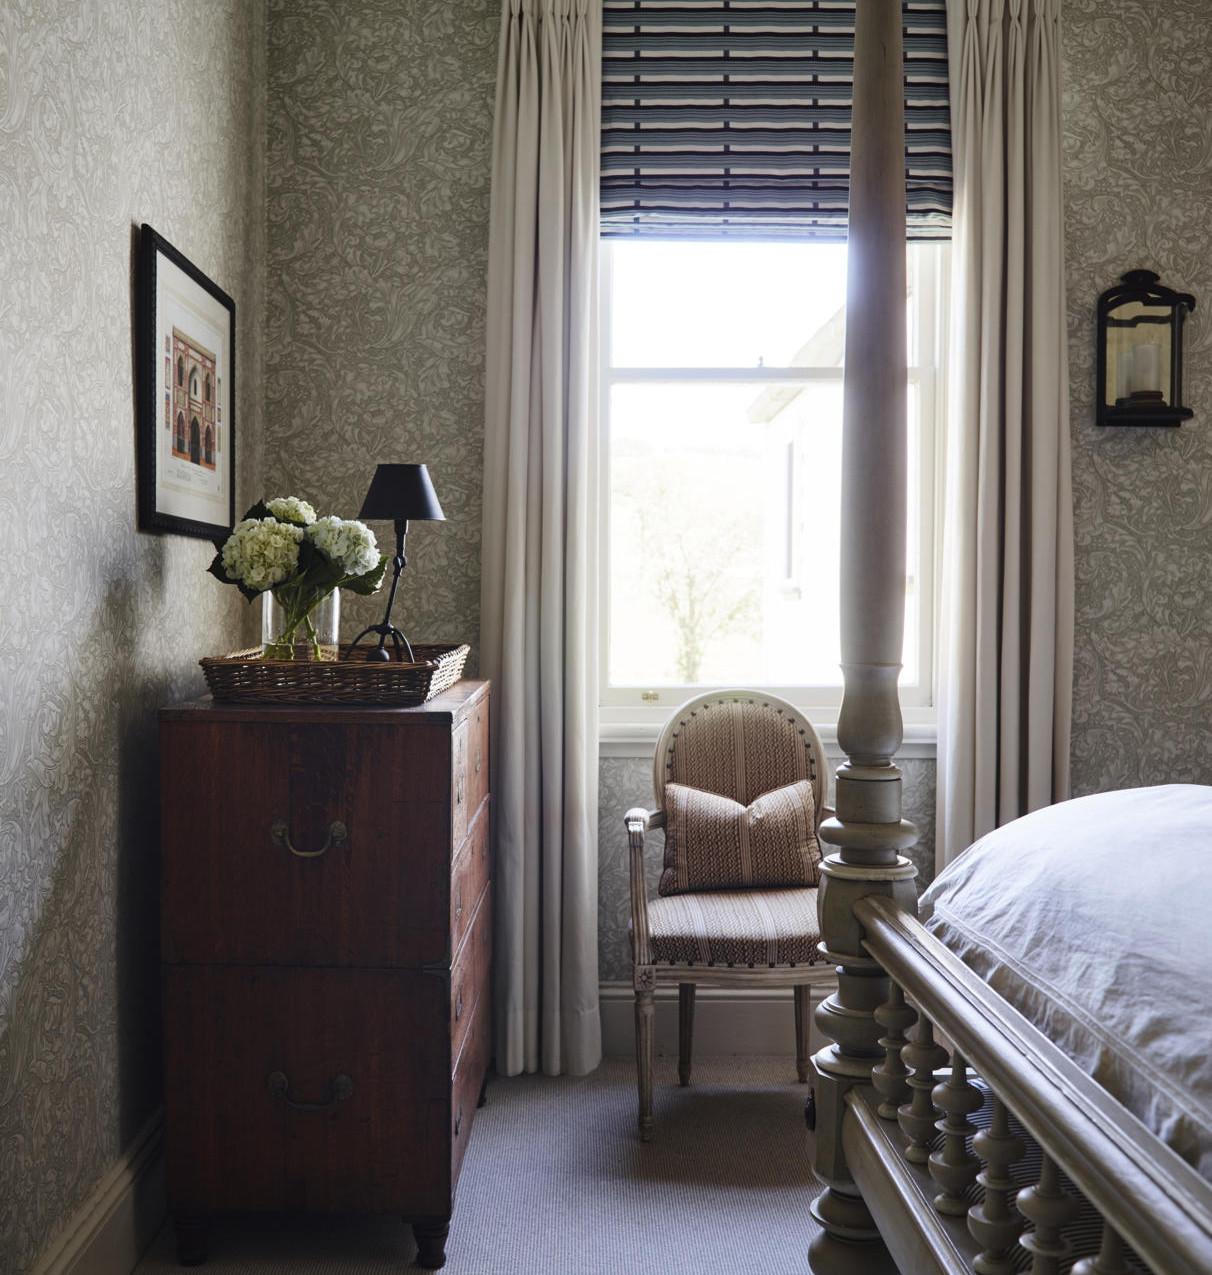 The Raj Room